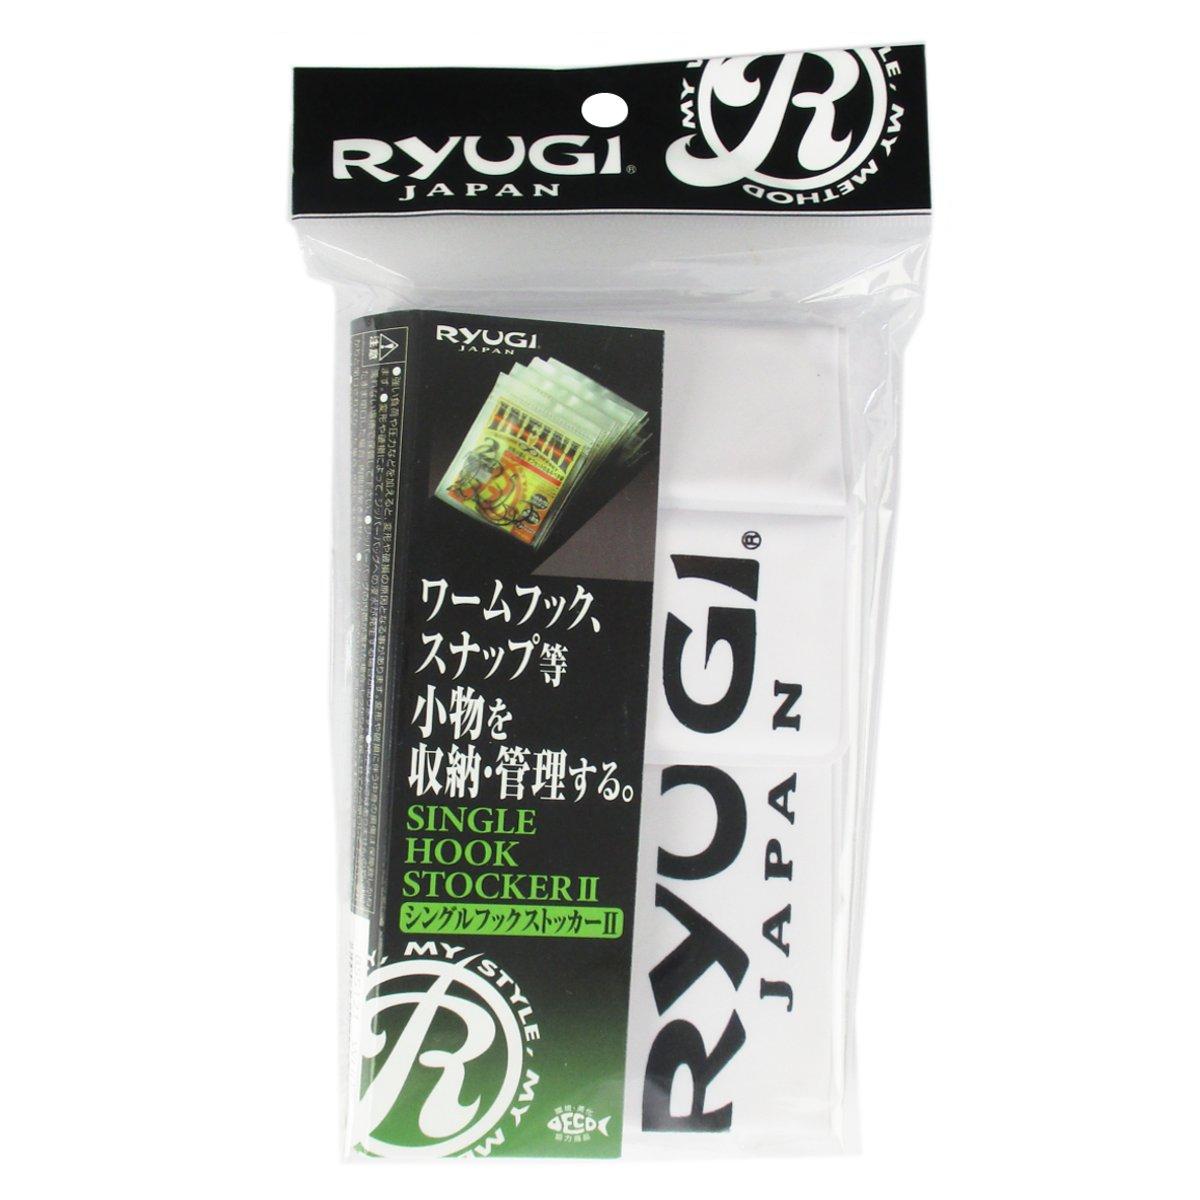 釣具のポイント ご注文で当日配送 ささめ針 RYUGI SINGLE HOOK II STOCKER BSS121 スーパーSALE セール期間限定 WHITE